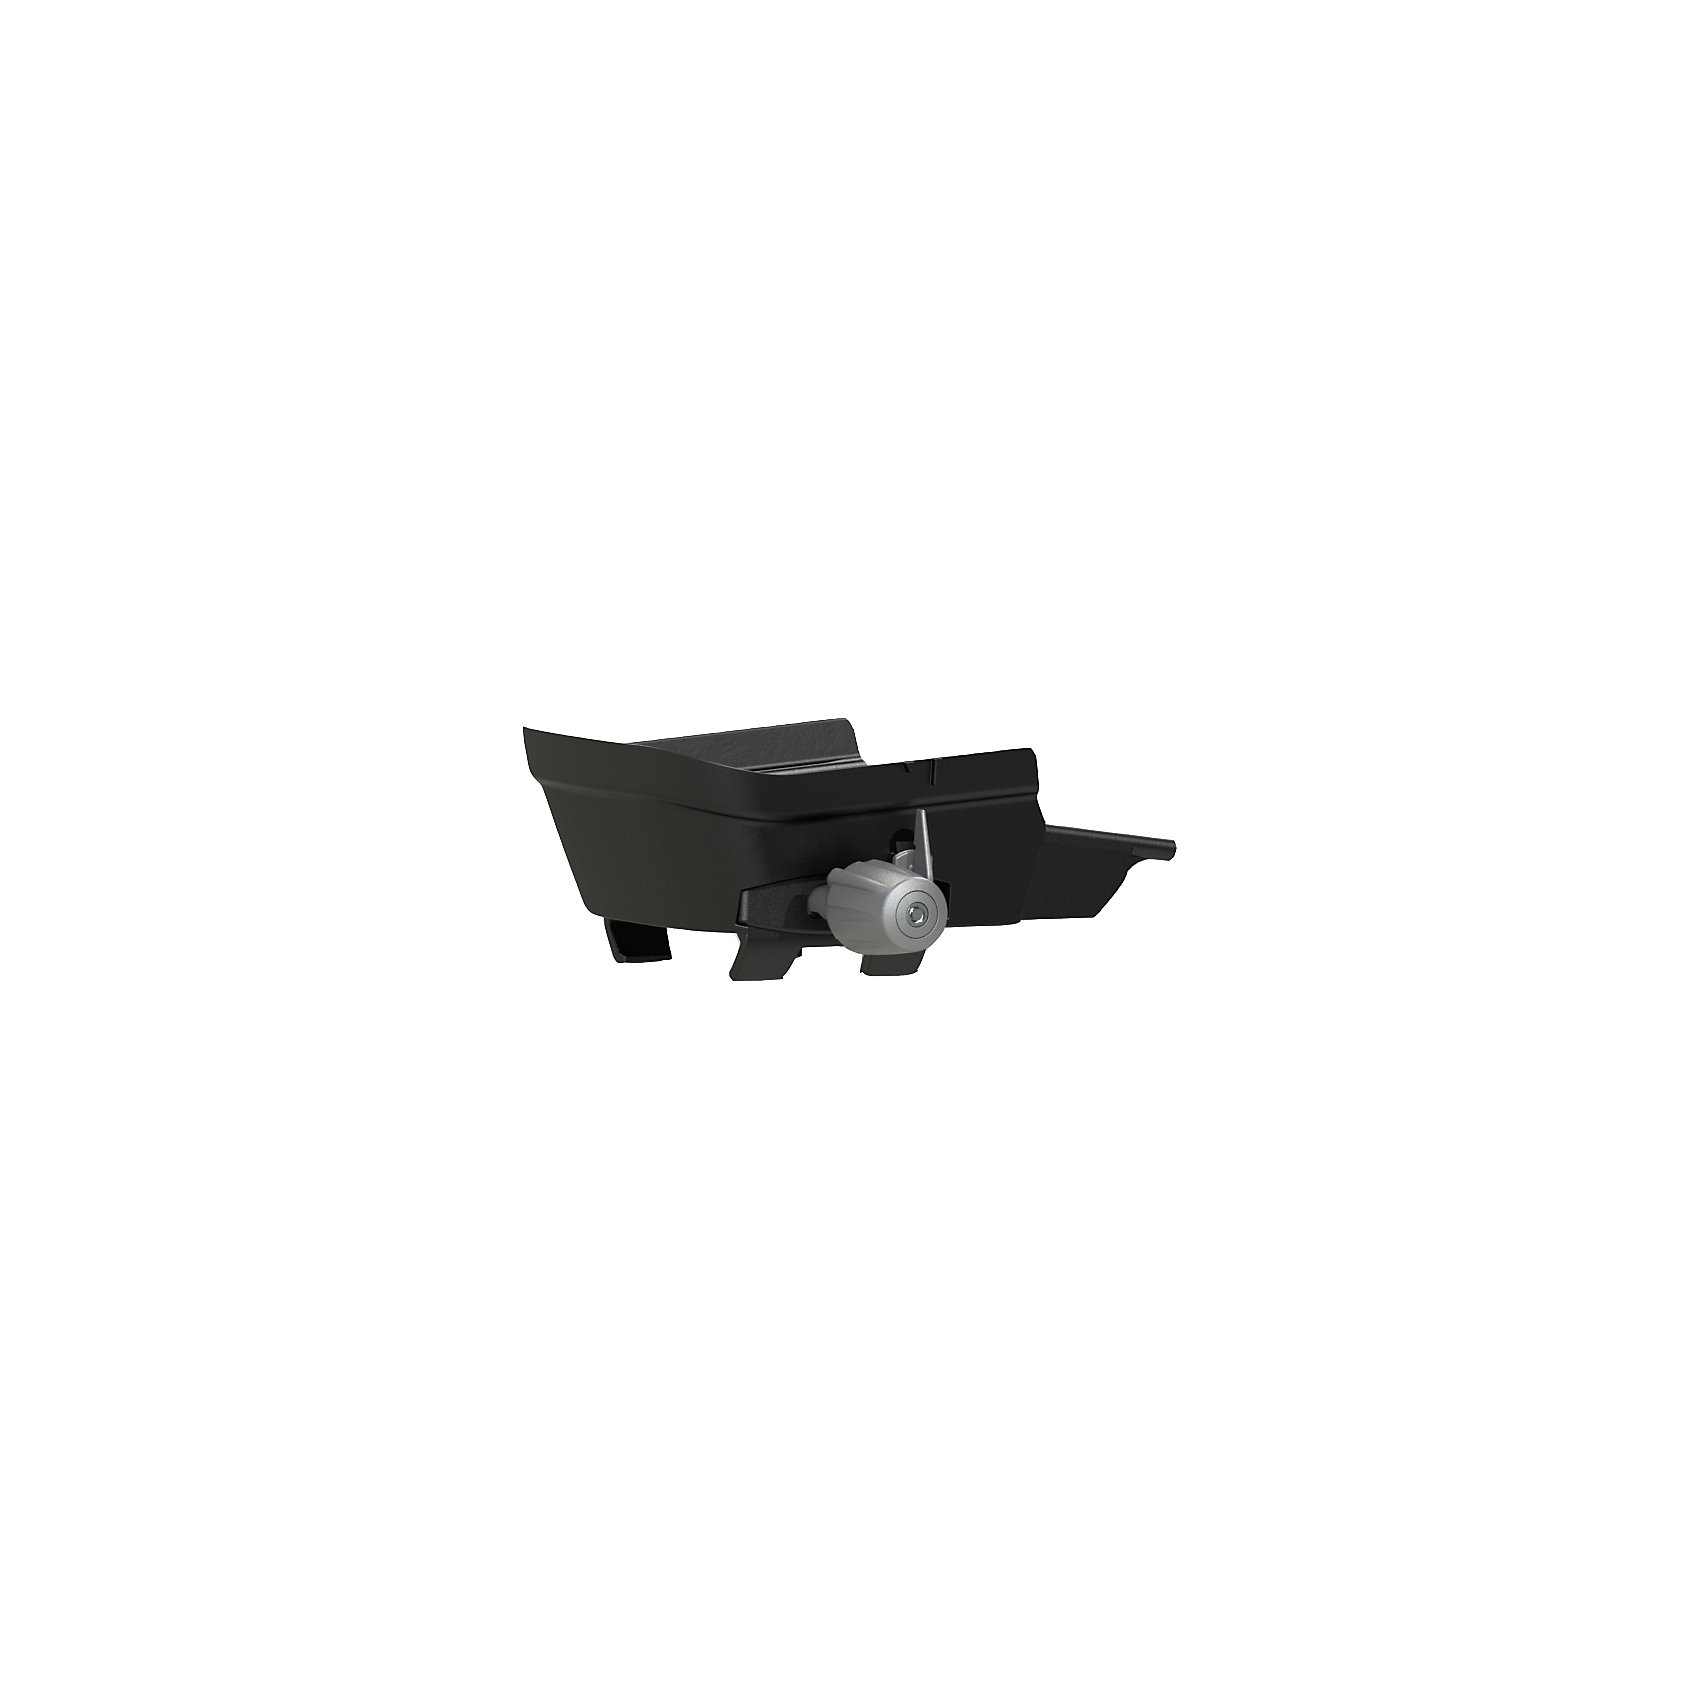 Адаптор для крепления на багажник Caress Zenith Carrier Adapter, Hamax, серыйАксеcсуары для велосипедов<br>Характеристики товара:<br><br>• цвет: серый<br>• вид адаптера: ZENITH ( 25-30 кг)<br>• крепление для труб от 10 до 20 мм<br>• размер упаковки (ДхШхВ): 33x25x17см<br>• вес: 2,2 кг<br>• страна бренда: Польша<br>• страна производитель: Китай<br><br>Адаптор для крепления на багажник Caress Zenith Carrier Adapter, Hamax, серый можно купить в нашем интернет-магазине.<br><br>Ширина мм: 230<br>Глубина мм: 195<br>Высота мм: 285<br>Вес г: 850<br>Возраст от месяцев: 9<br>Возраст до месяцев: 48<br>Пол: Унисекс<br>Возраст: Детский<br>SKU: 5582627